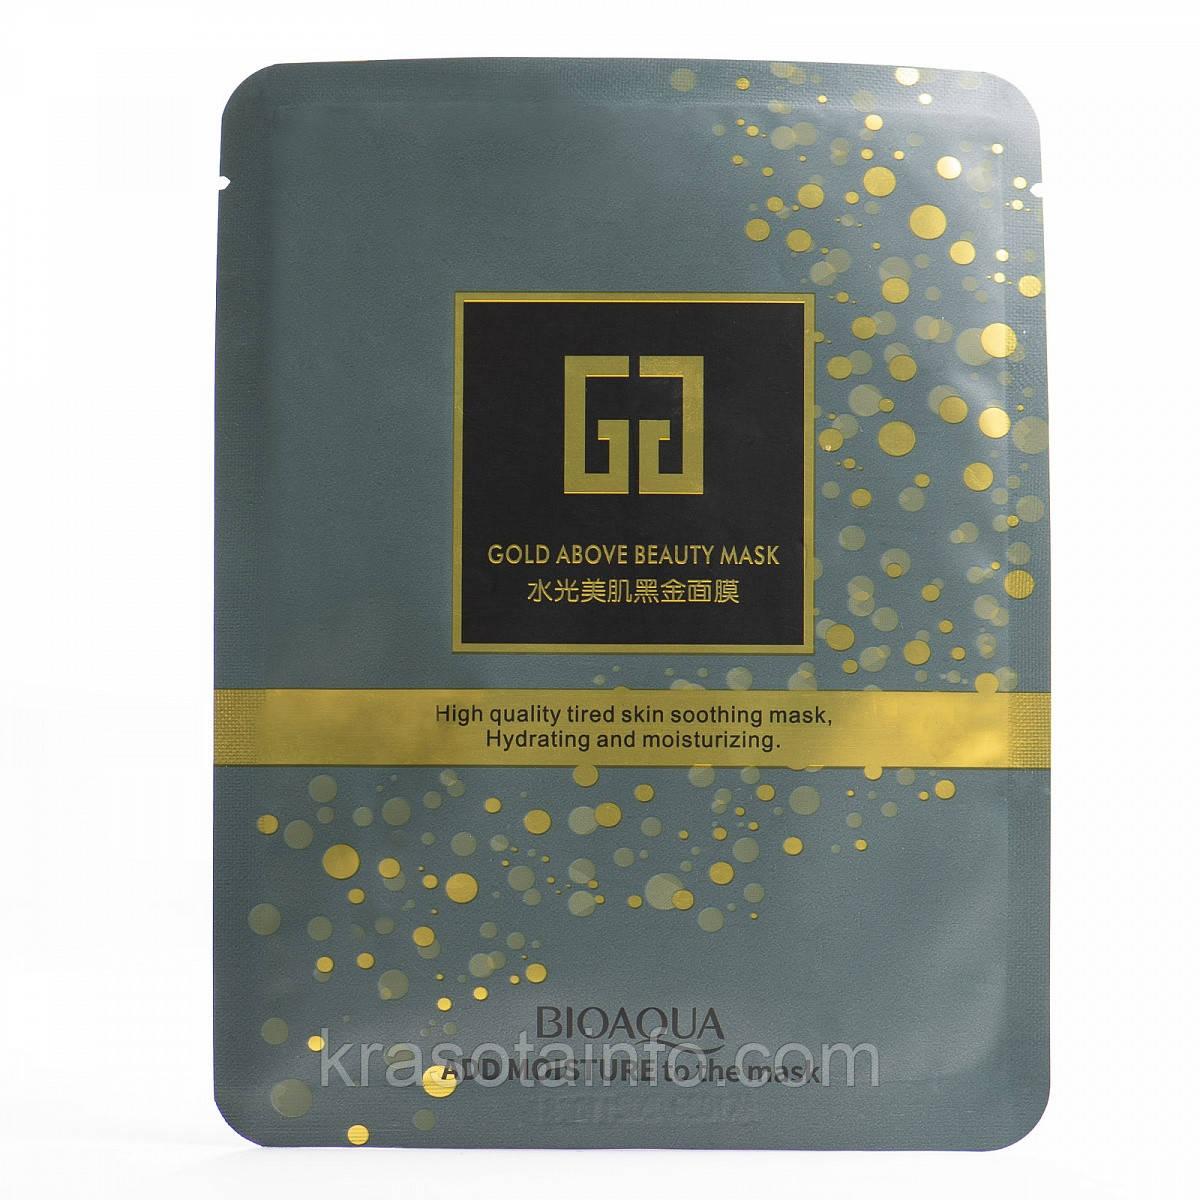 Тканевая маска омоложивающая с золотом для лица Bioaqua Gold Above Beauty Mask, 30 г